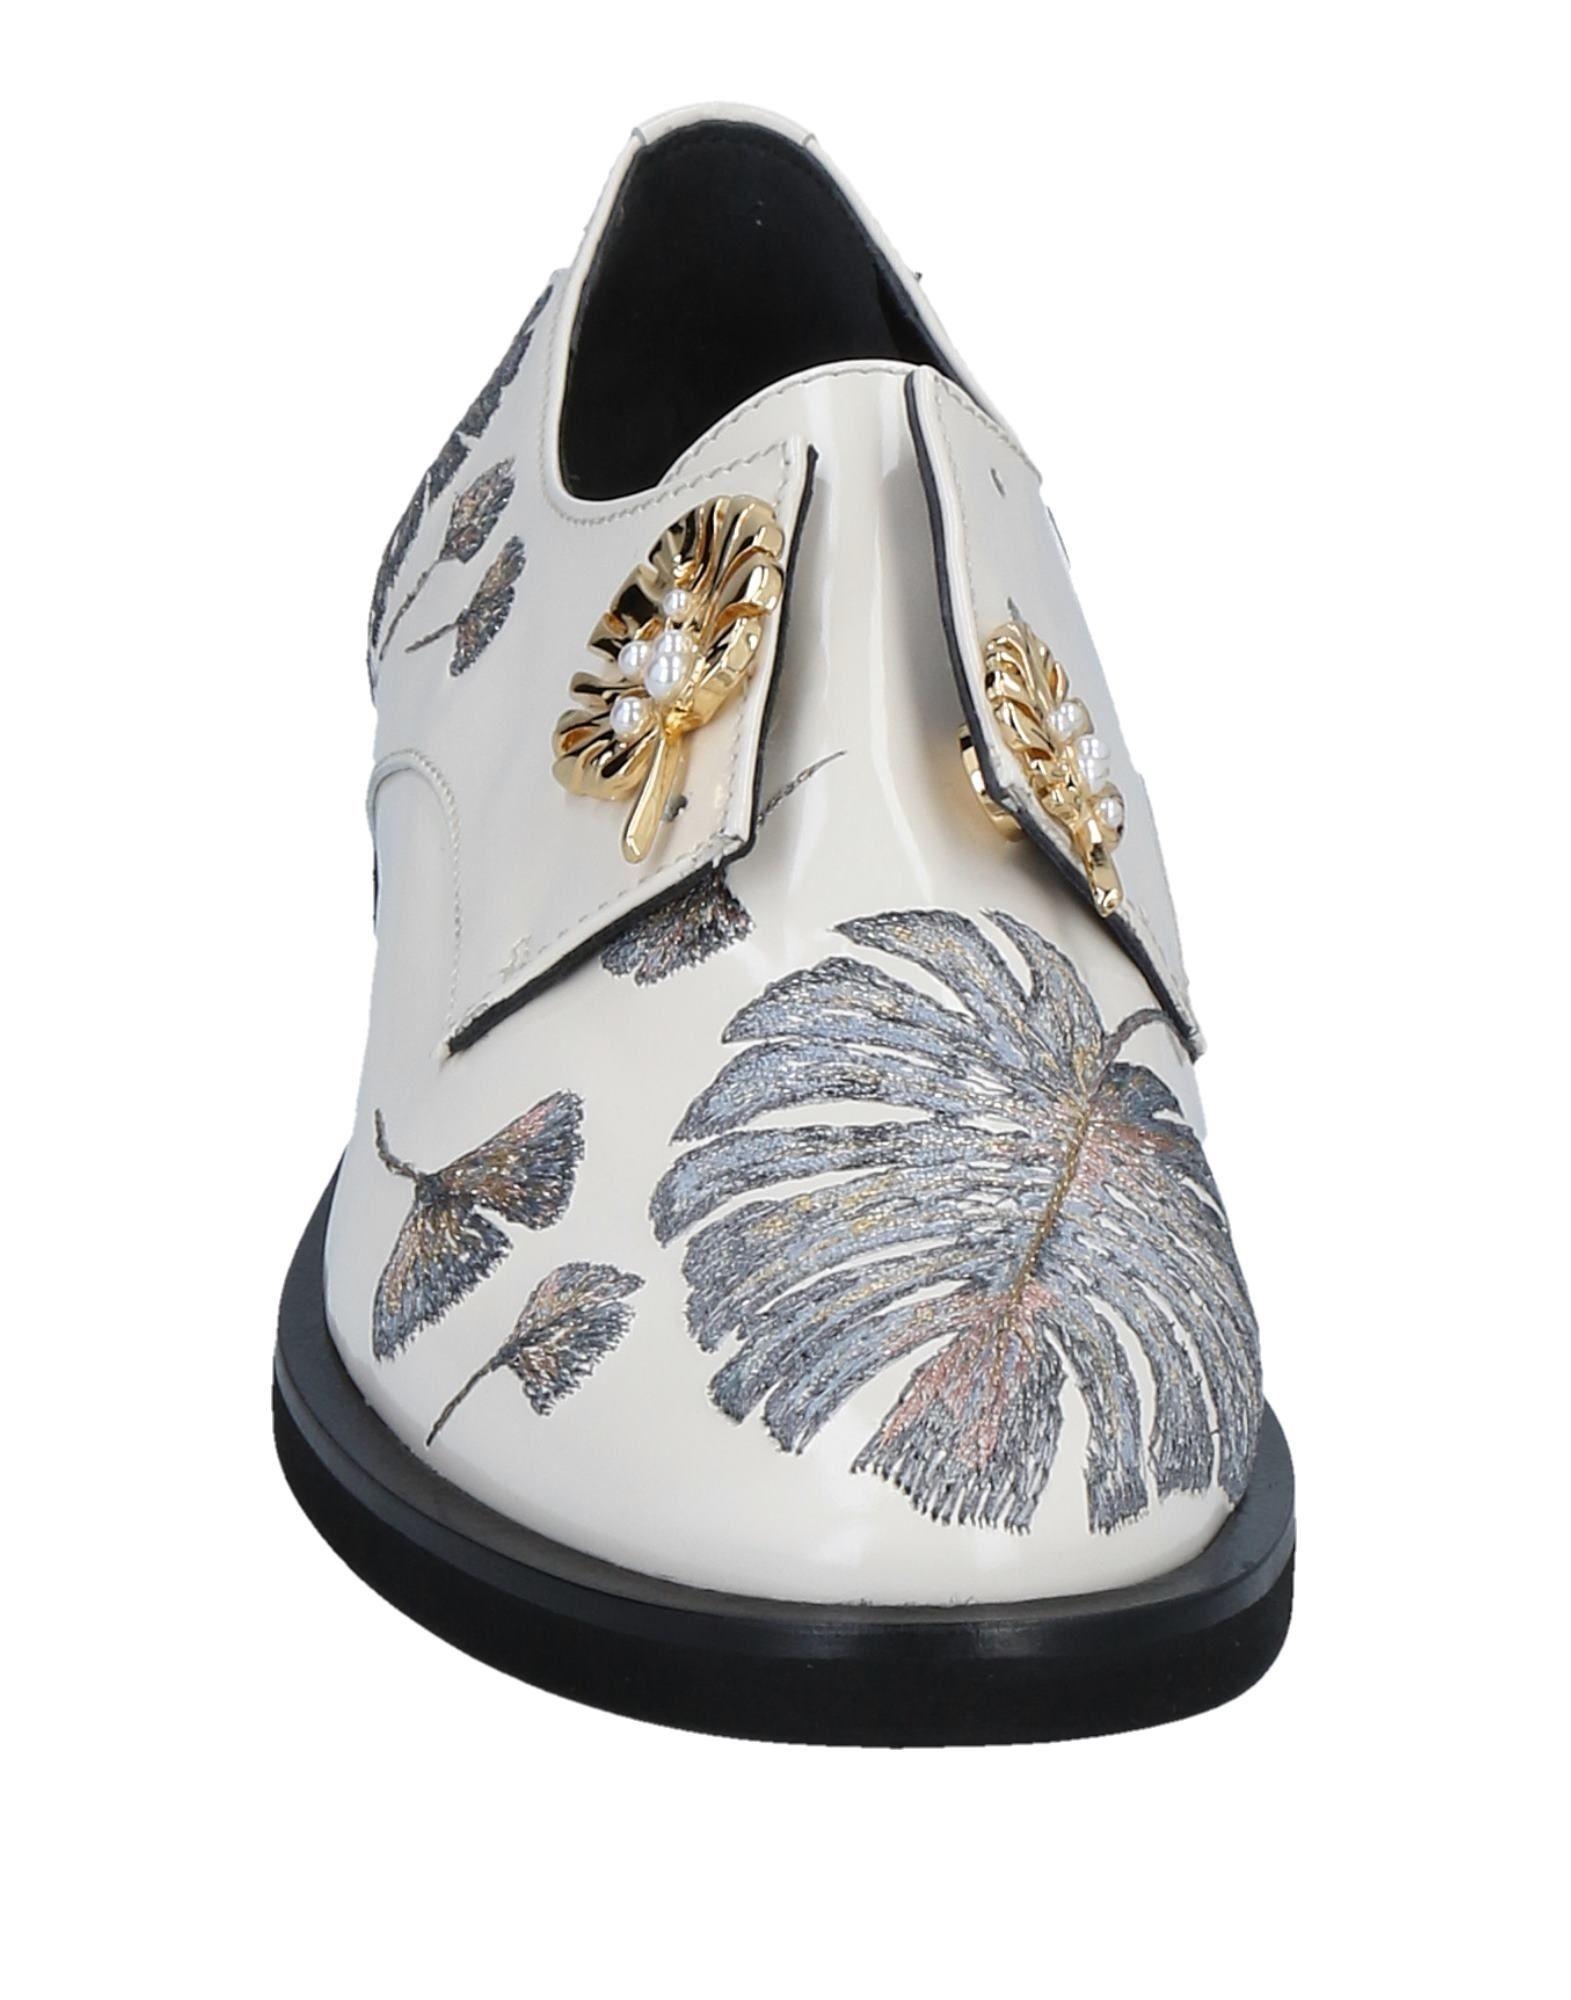 Coliac Martina Grasselli Mokassins aussehende Damen  11505249QEGünstige gut aussehende Mokassins Schuhe 18c069